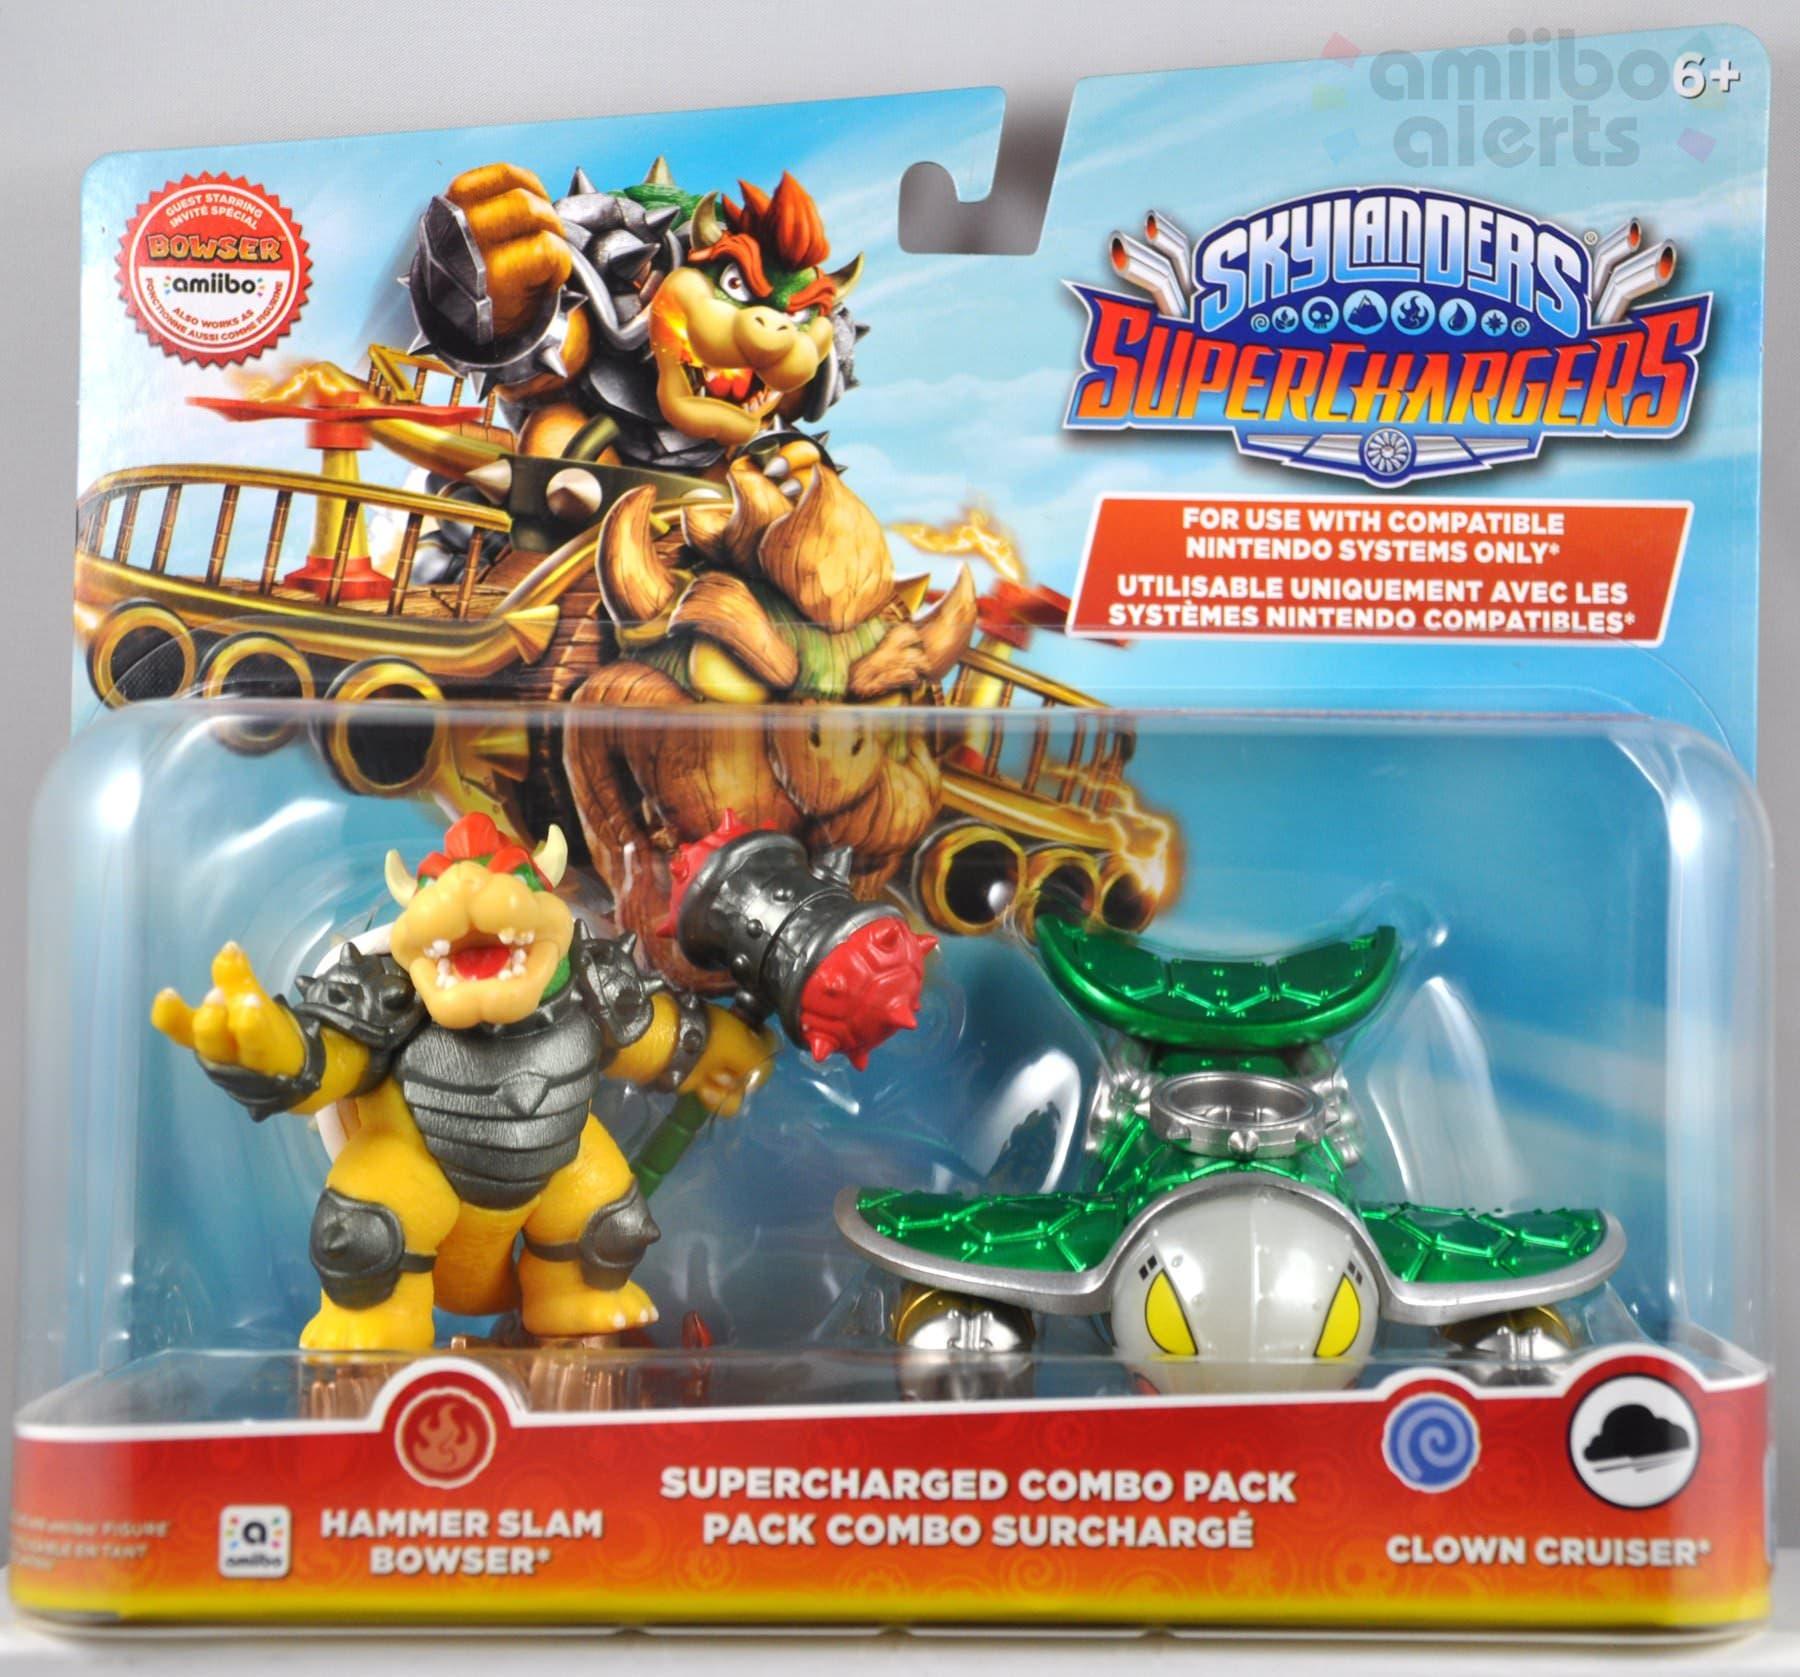 Así lucen las cajas de los amiibo Skylanders de Bowser y Donkey Kong